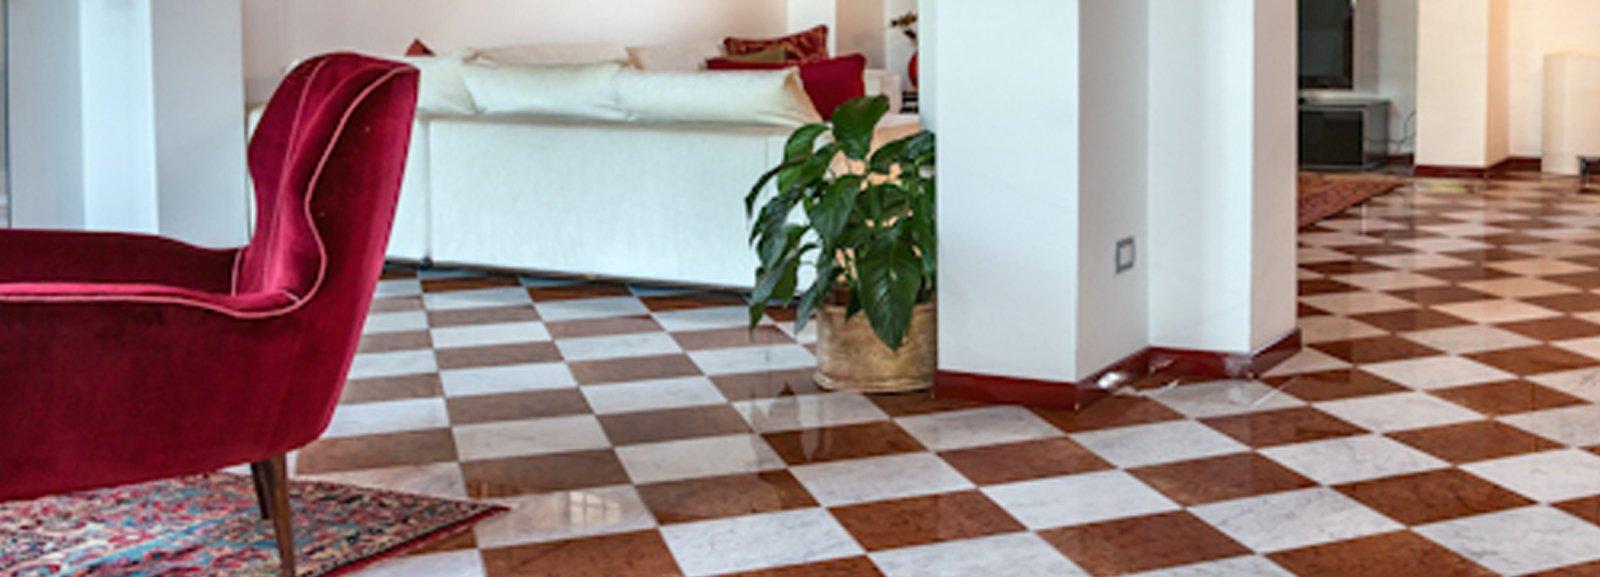 Come arredare il soggiorno con pavimento in marmo - Cose di Casa